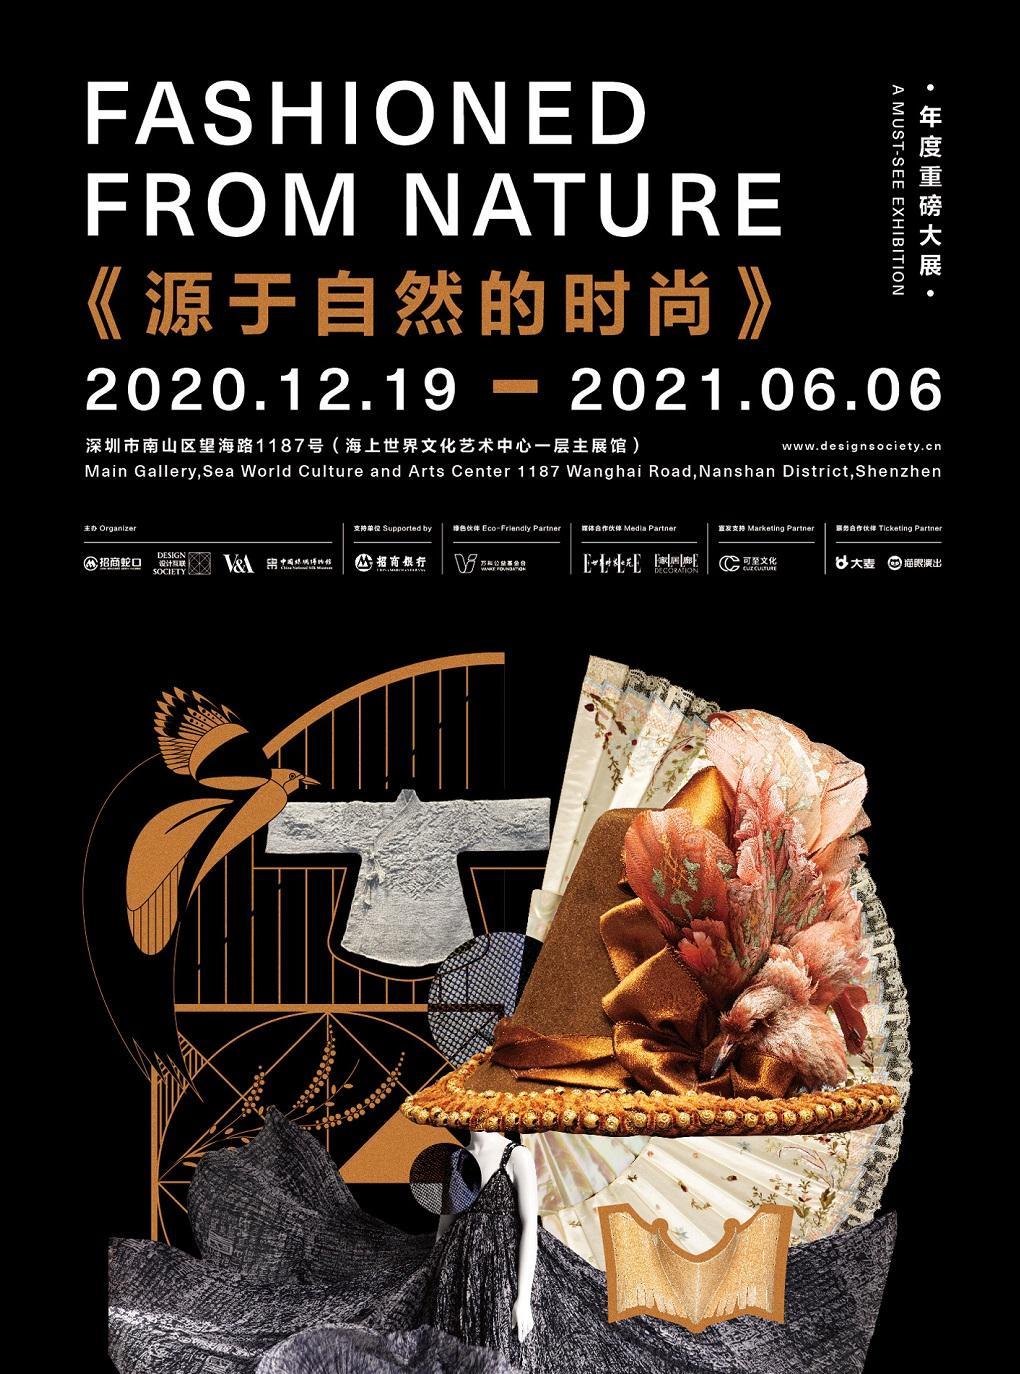 20201214_海上世界文化艺术中心_V&A巡展《源于自然的时尚》&全新展中展《衣从万物:中国今昔时尚》